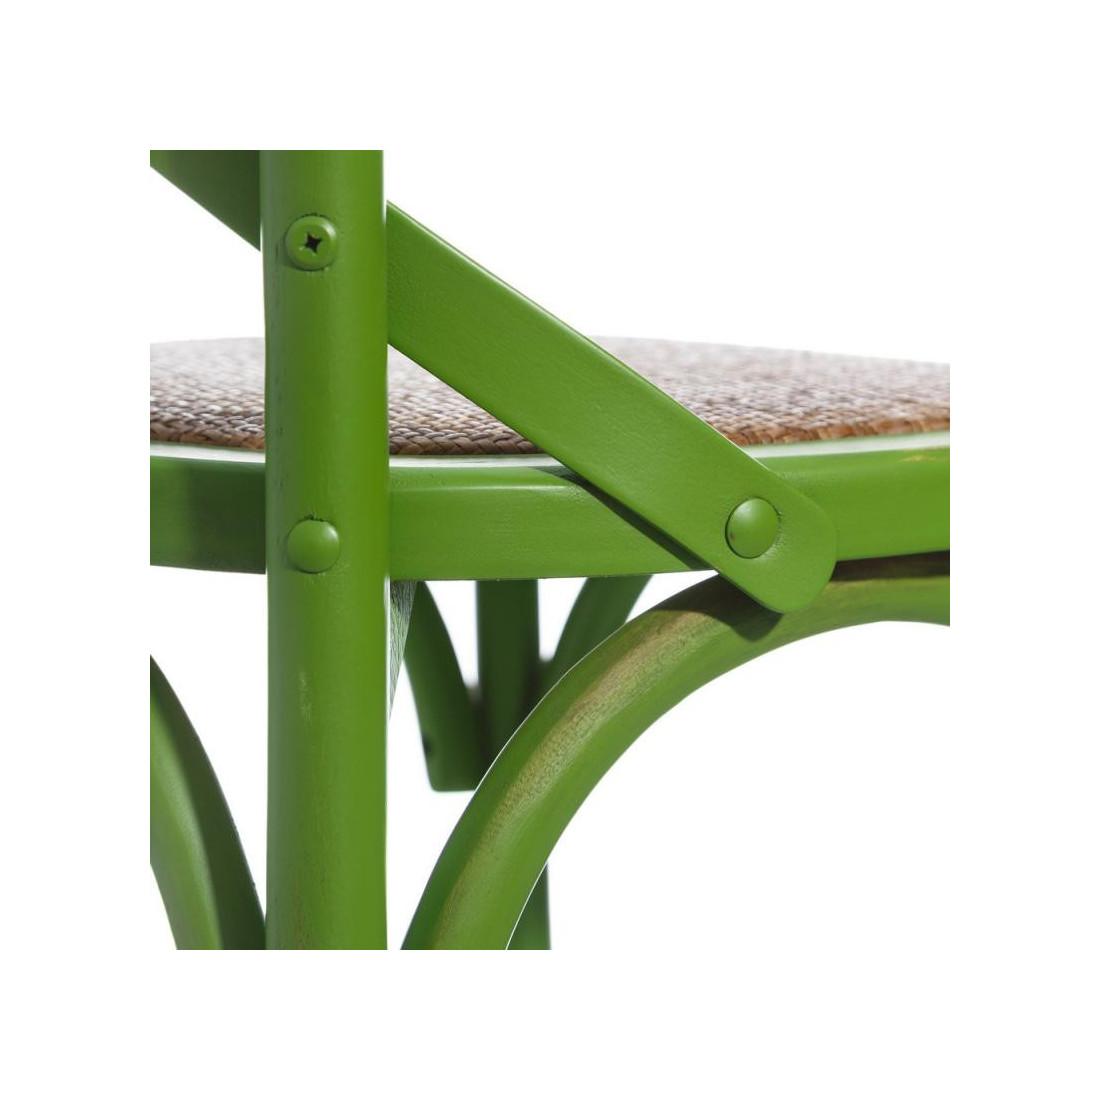 d'orme Univers des chaises bistrot Bois BRETT Duo Vert de J3KTcl1F